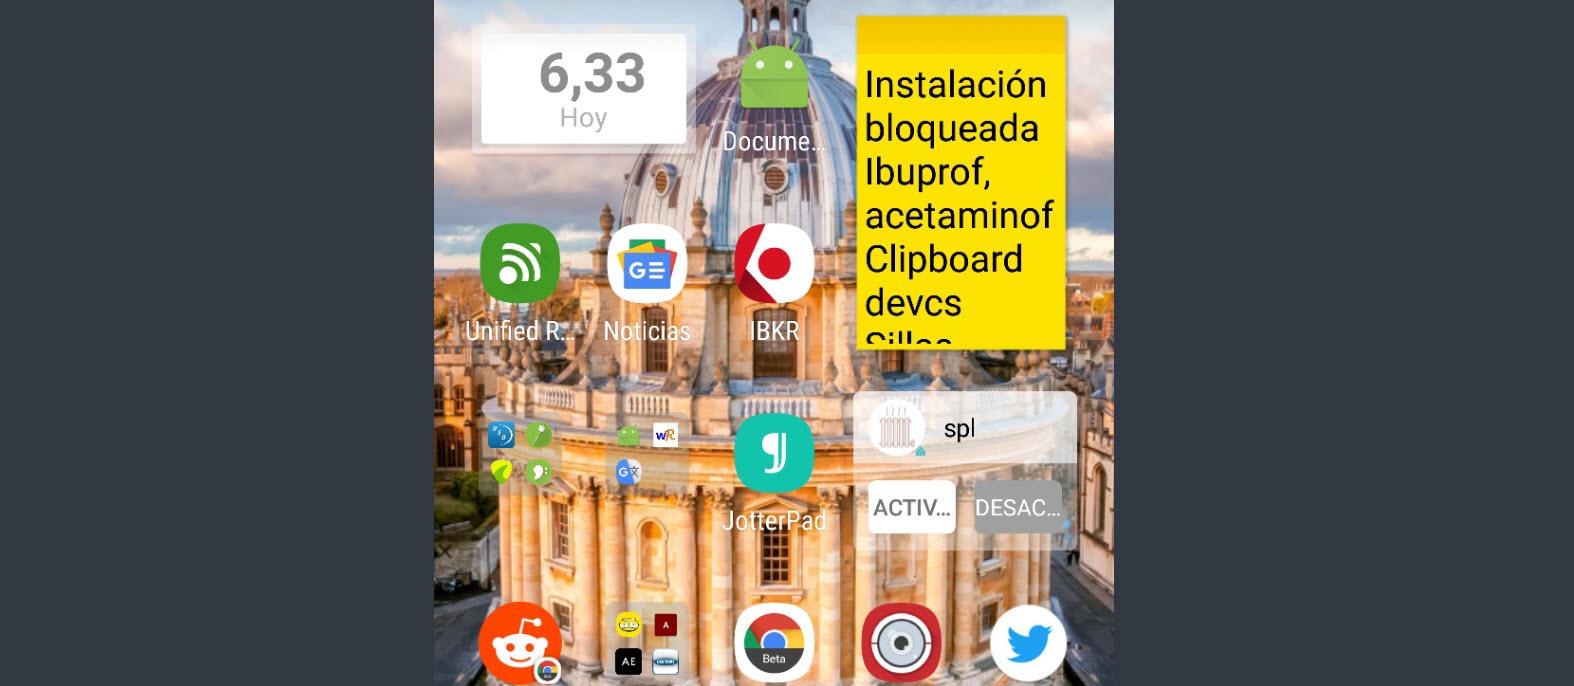 La solución definitiva a una pantalla de inicio llena de iconos